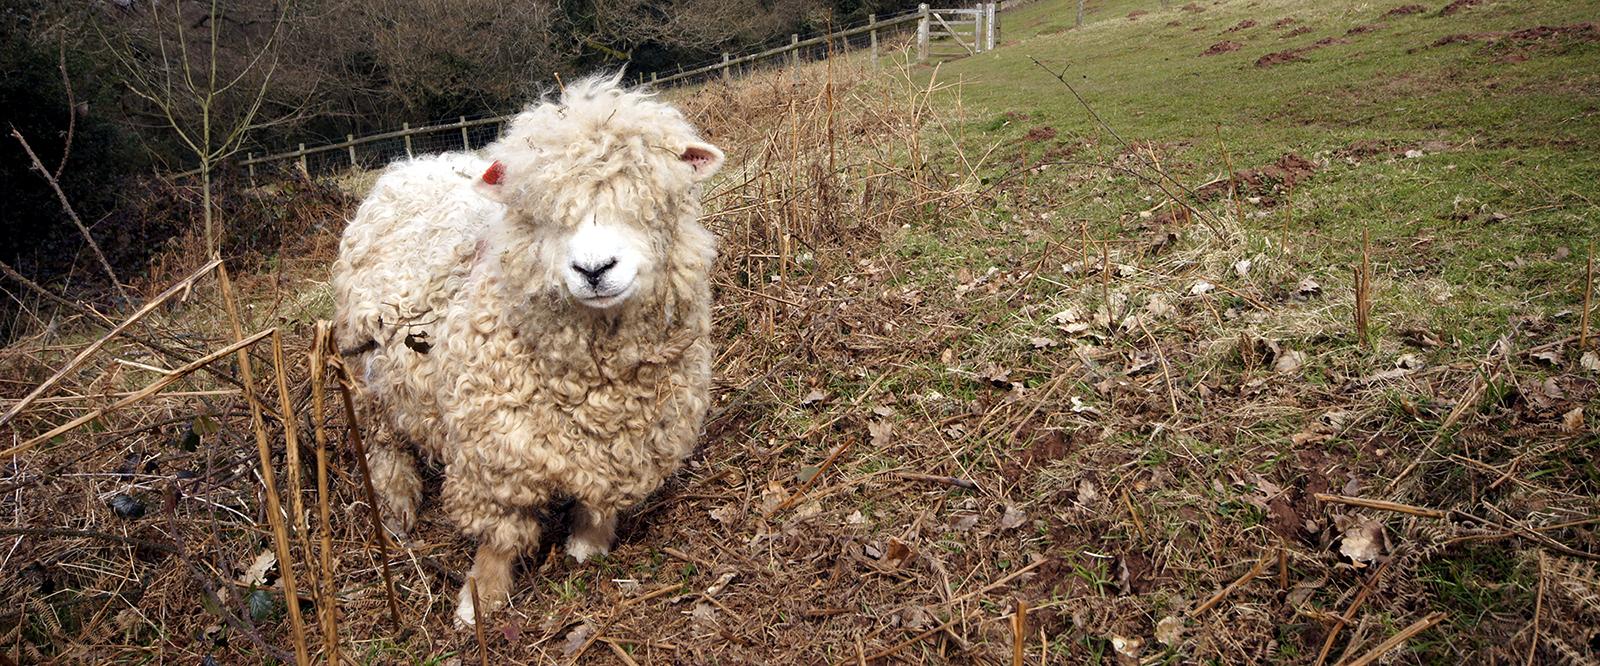 Kieran Rae Offa Offas Dyke Wales Sheep